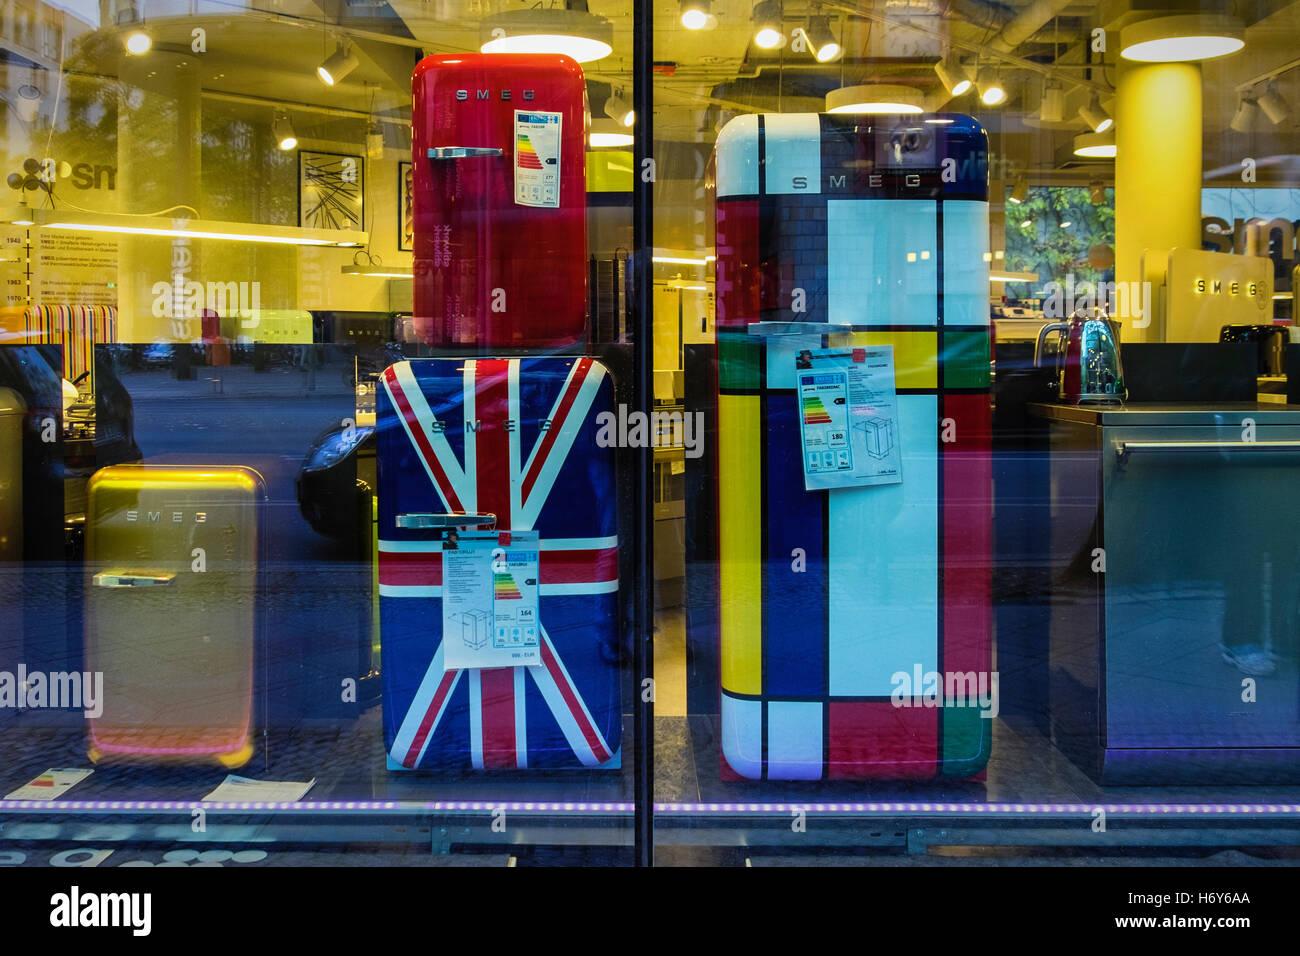 Retro Kühlschrank Deutschland : Berlin smeg display schaufenster. shop verkauft bunte retro